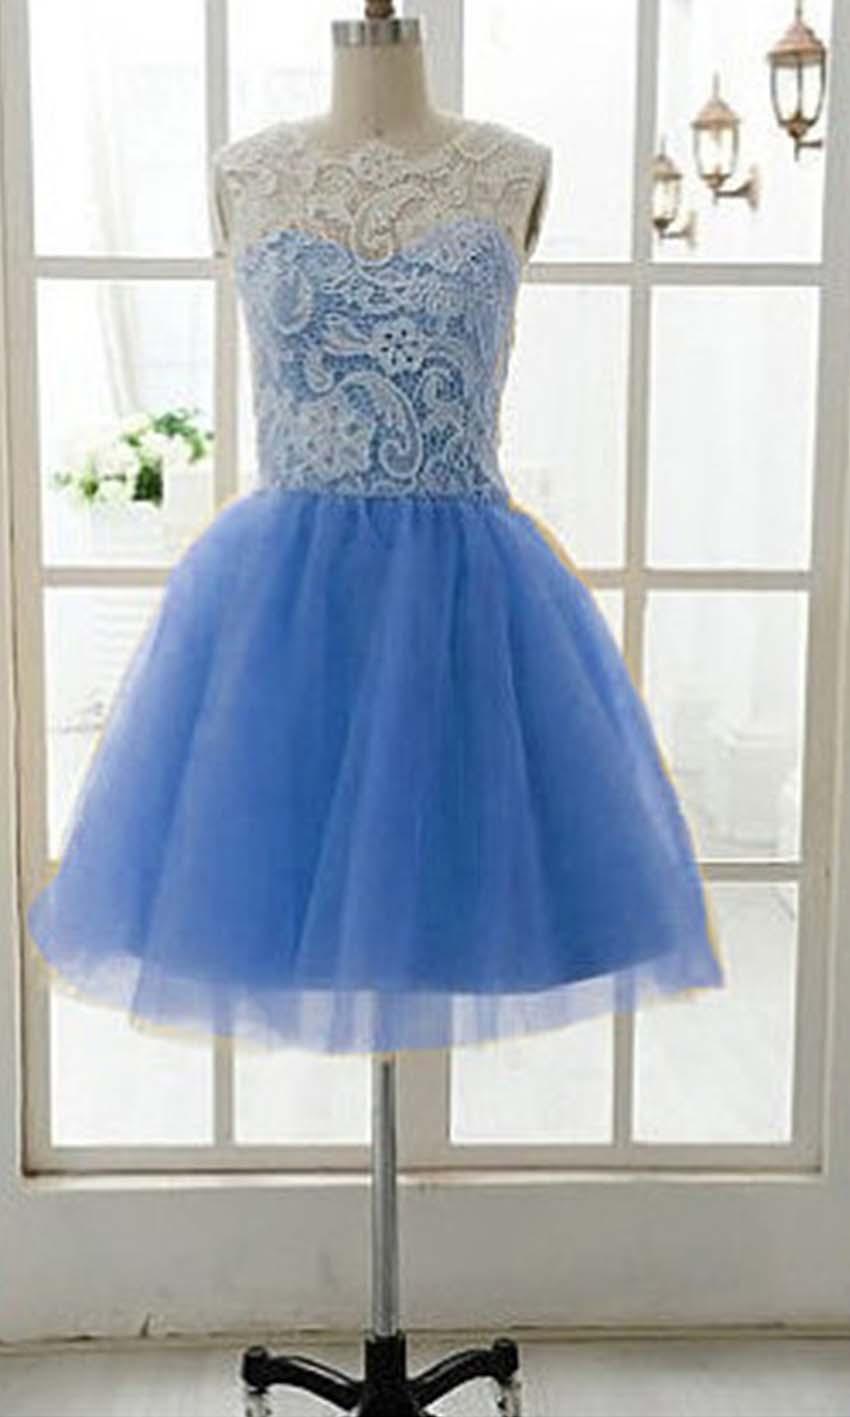 Cute White Lace Short Blue Grade Dresses KSP244 [KSP244] - £84.00 ...